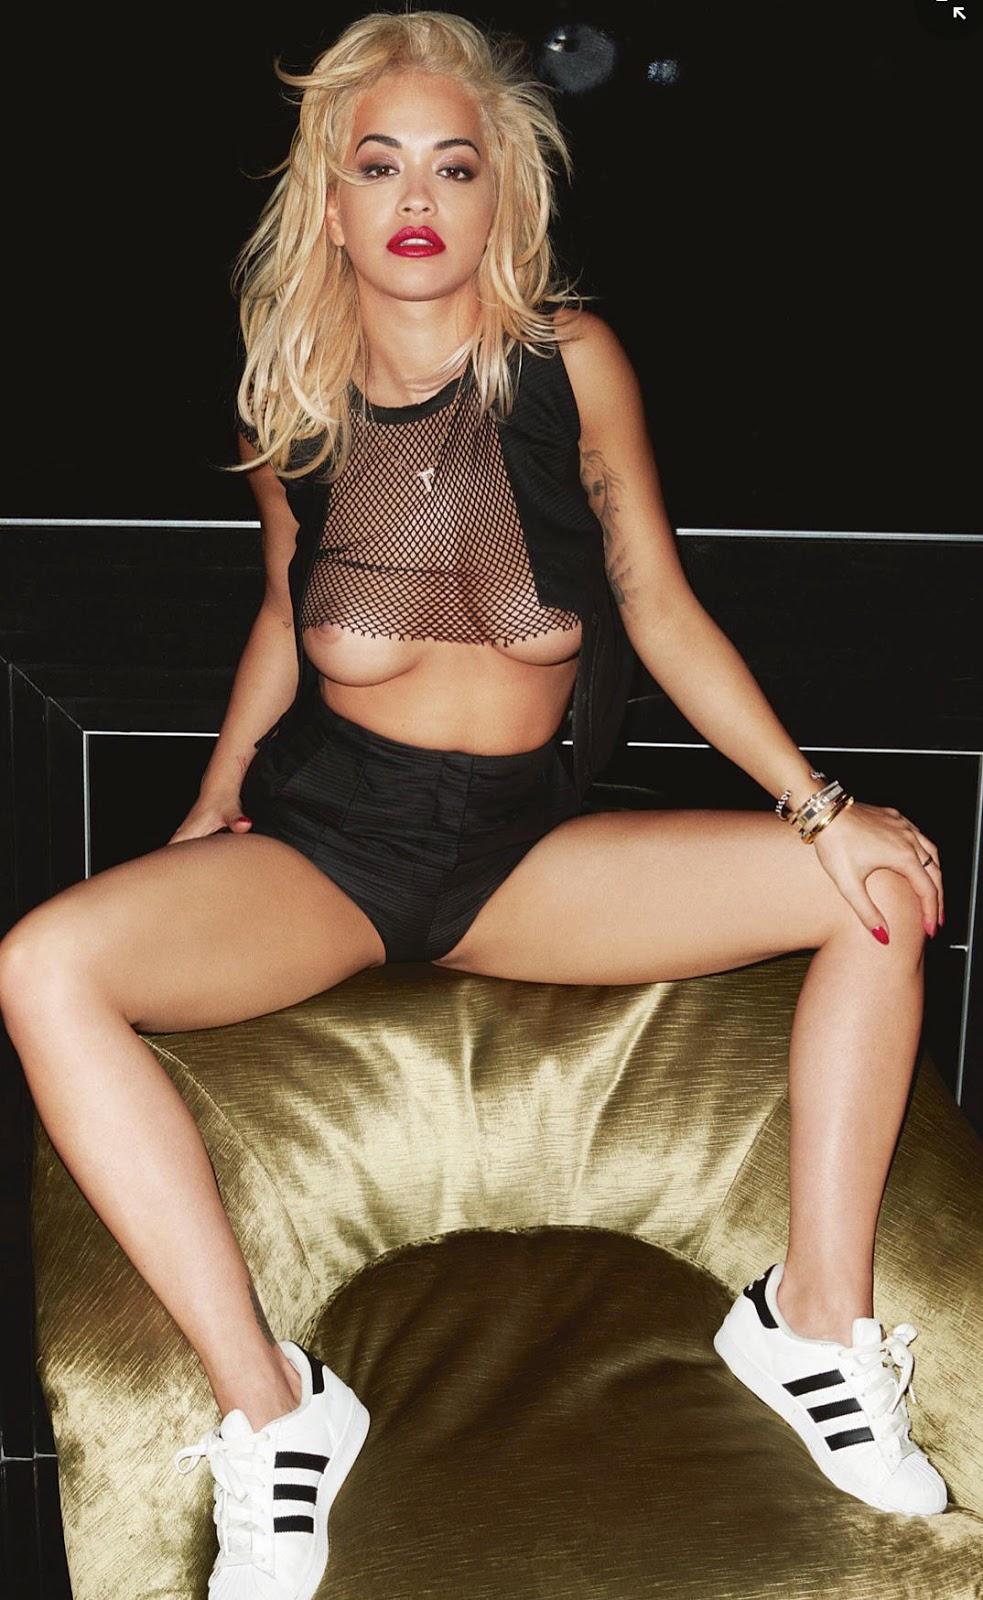 El Diablos Celebrity News Rita Oras Boobs-1026